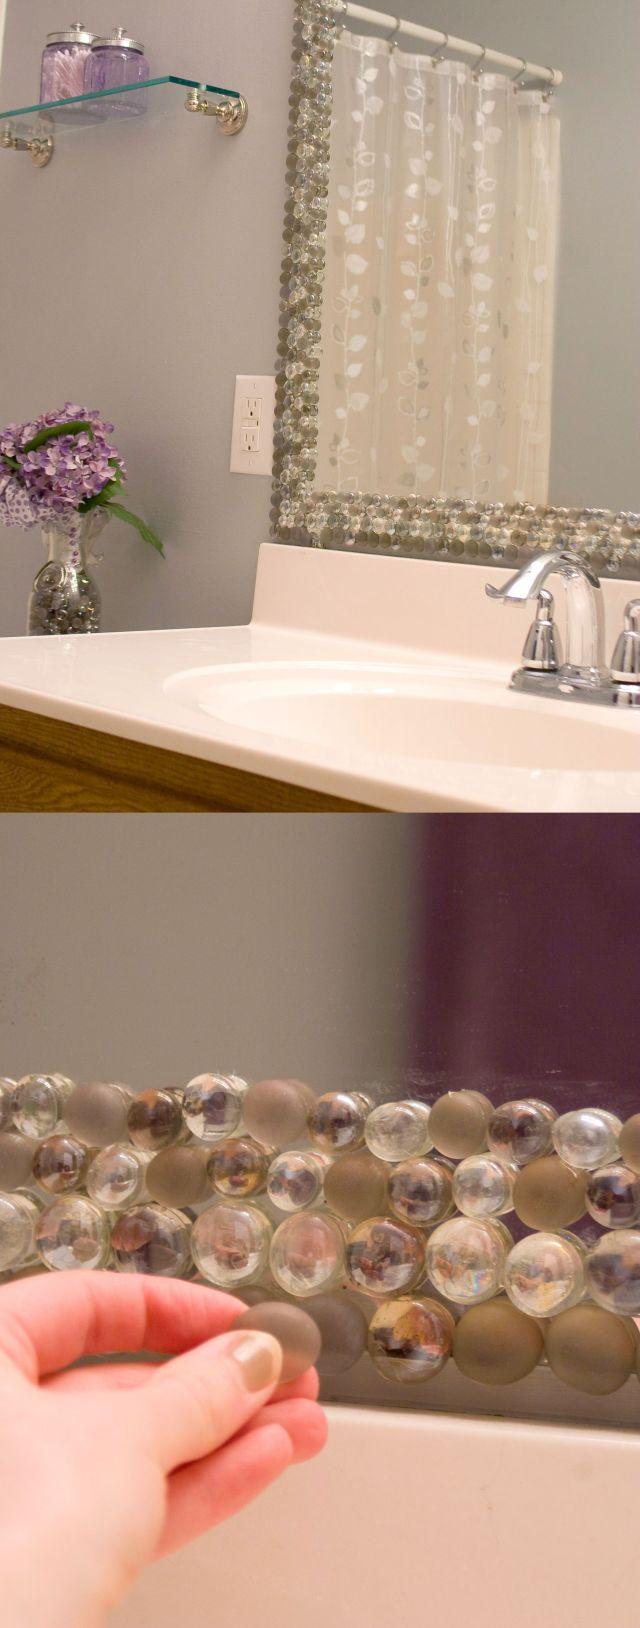 Reformar espelho do banheiro 4 idéias BBB